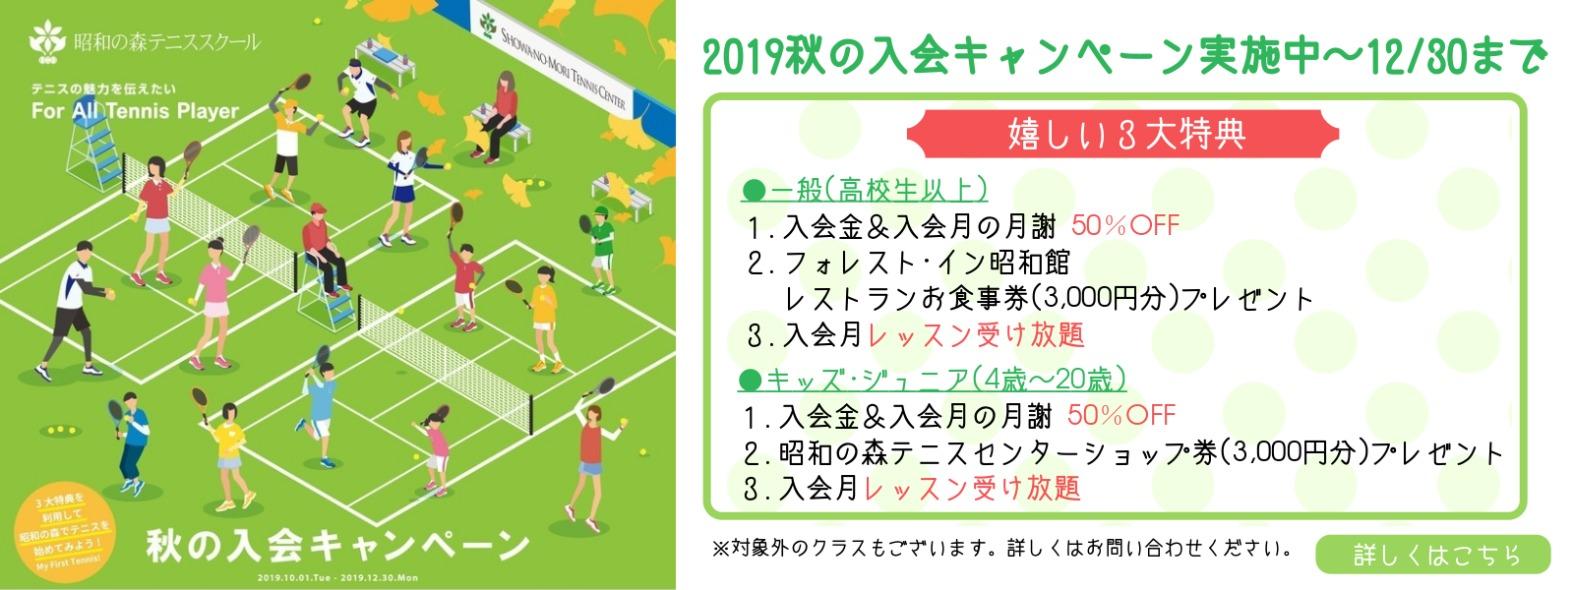 秋の入会キャンペーン 昭和の森テニススクール(東京都昭島市)